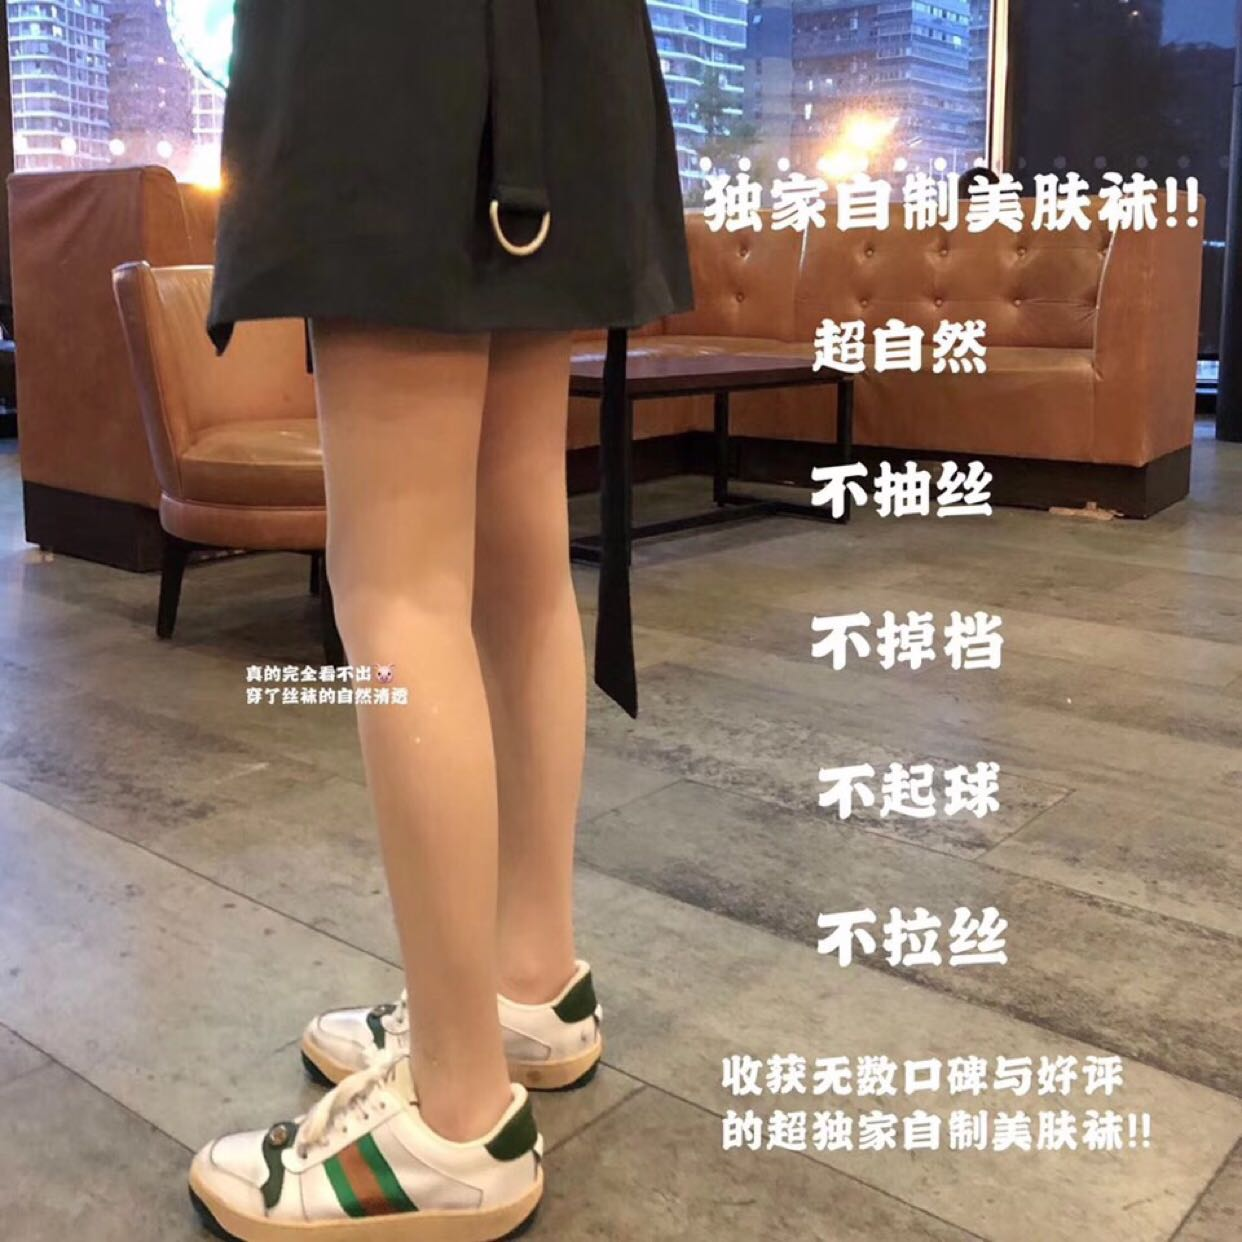 鹅其他尺寸新款妹儿家美肤袜光腿神器隐形丝袜春夏秋薄款不假白双